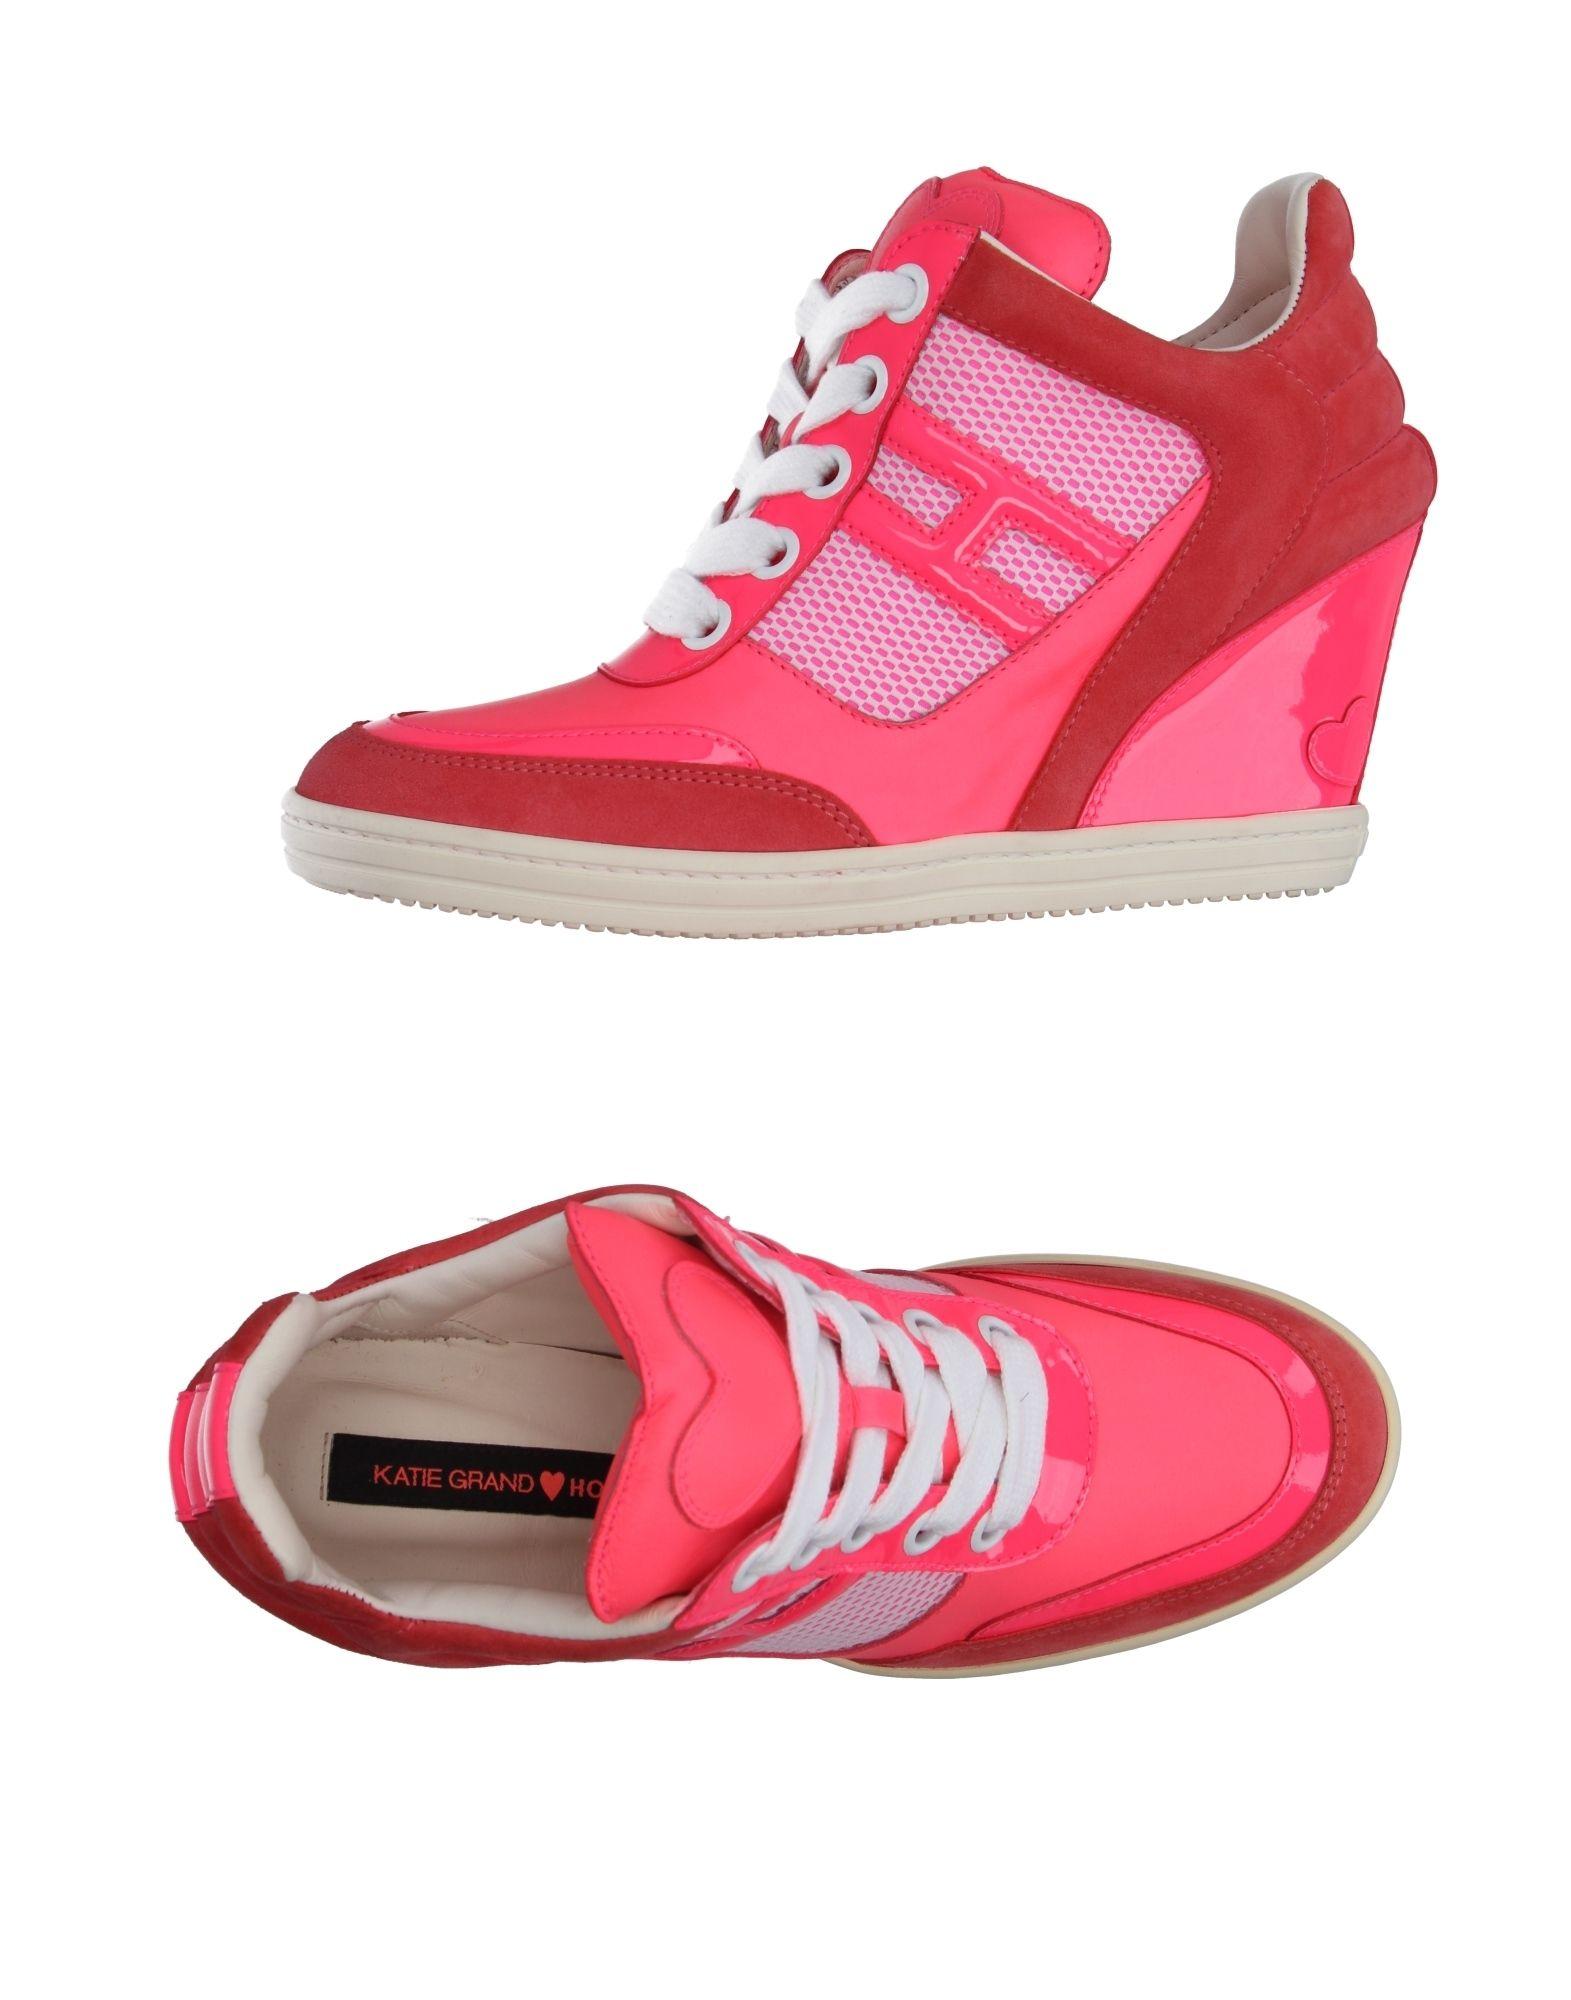 Katie Grand Loves Hogan Sneakers Damen  11176280VIGut aussehende strapazierfähige Schuhe